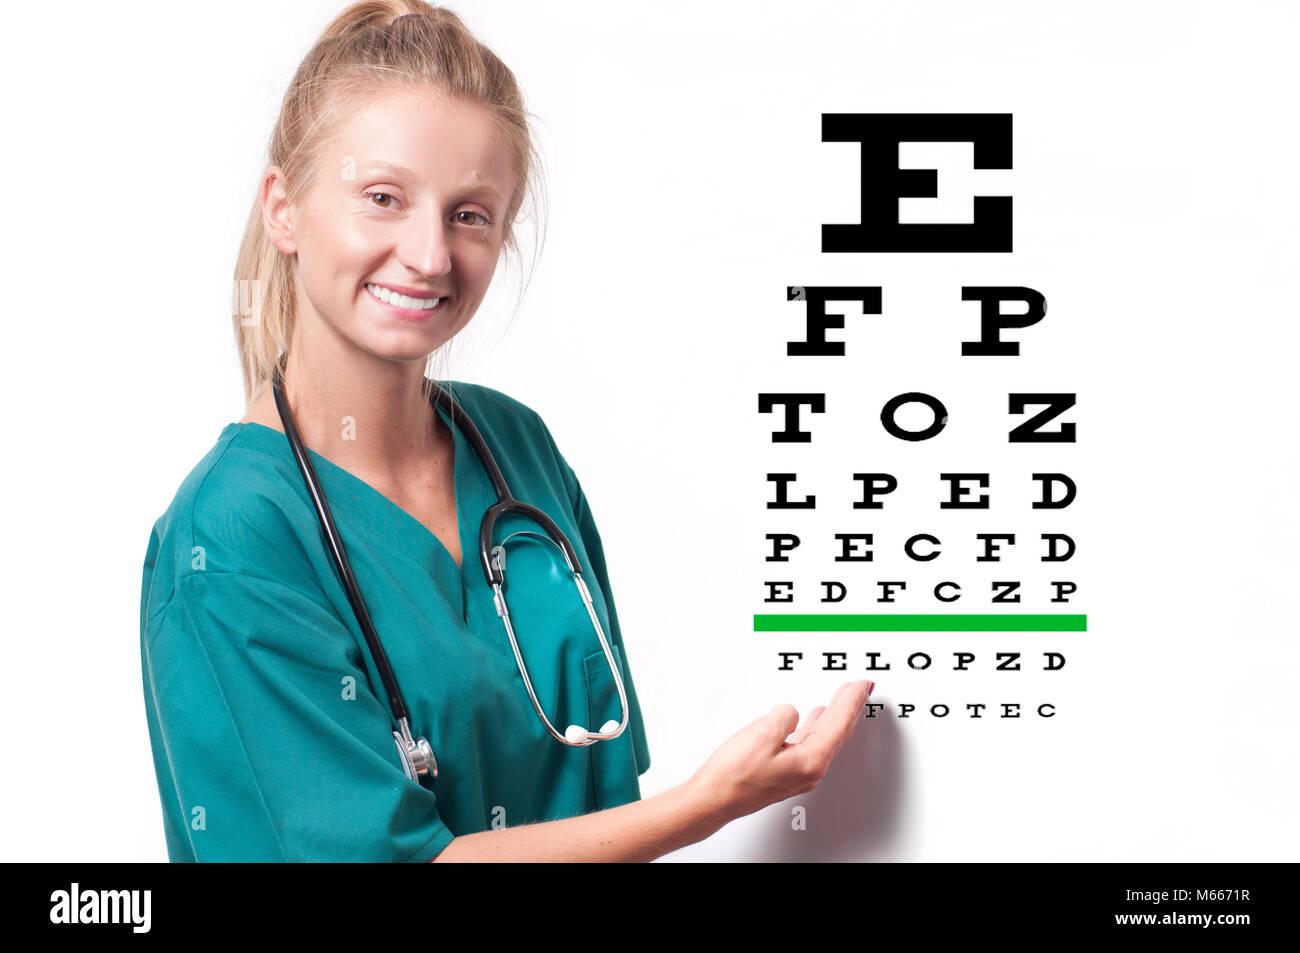 Jeune femme sur d oculiste de la vue graphique. Opticien médecin faire un  examen d oeil b10a796b03d0